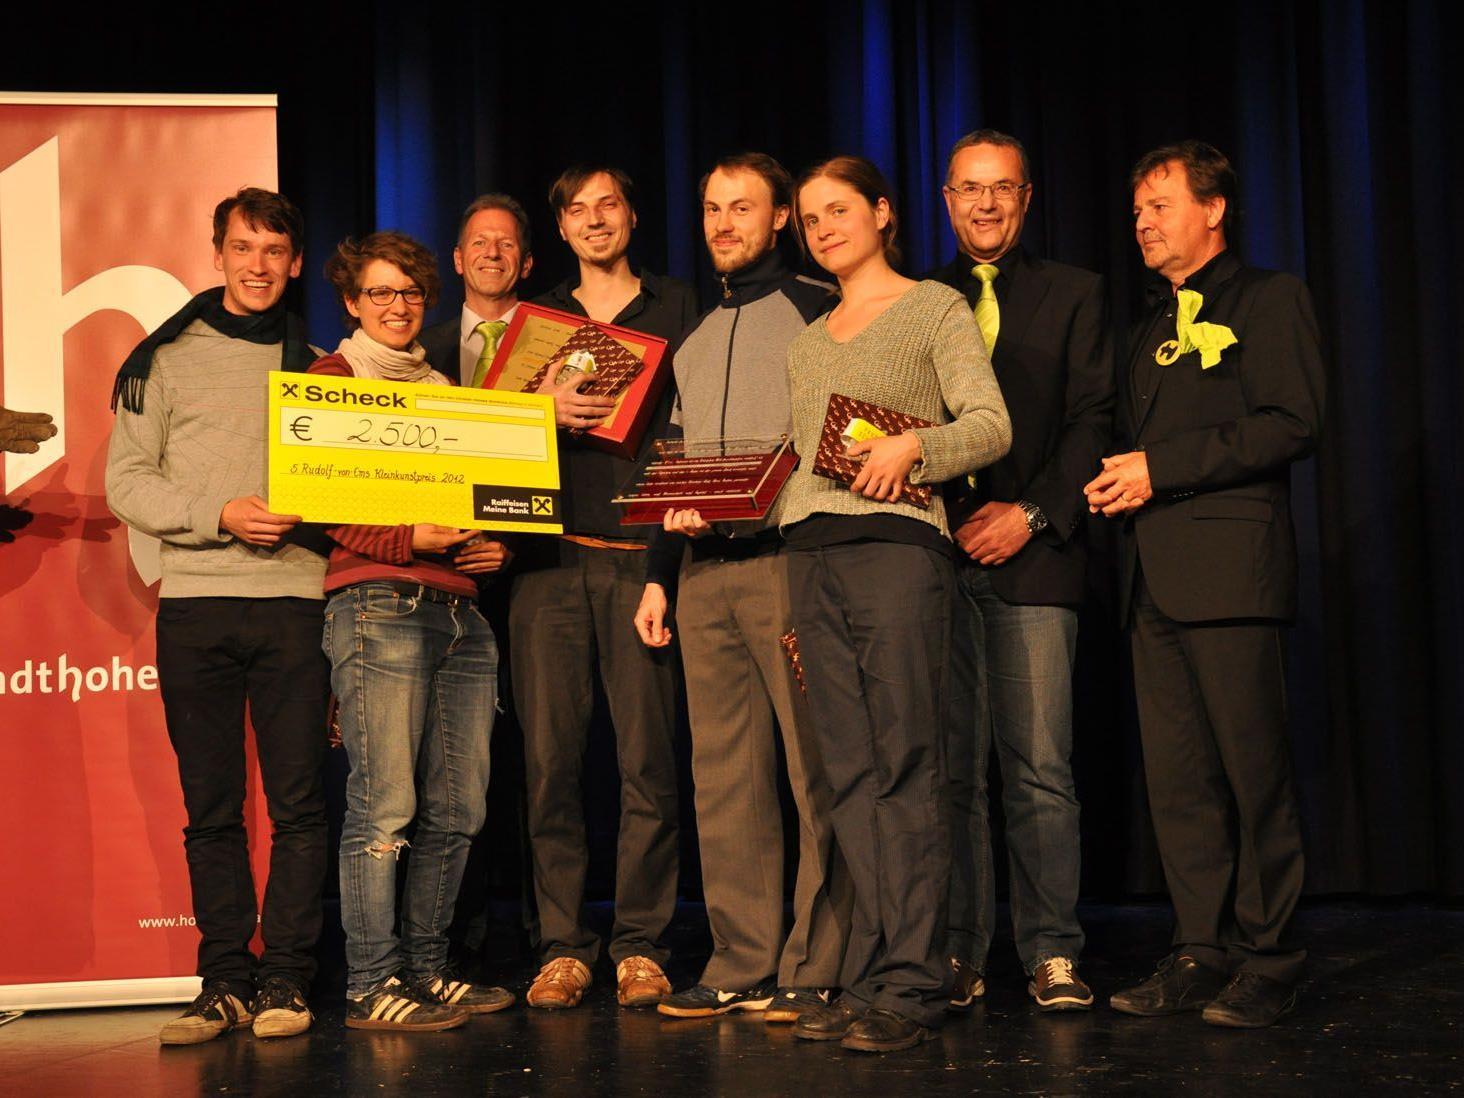 Johannes Everard (links) und seine Mitspielenden mit Bürgermeister Richard Amann (3. v.li), Kulturstadtrat Günter Linder (2.v.re) und Präsident Günter Bucher (ganz rechts).